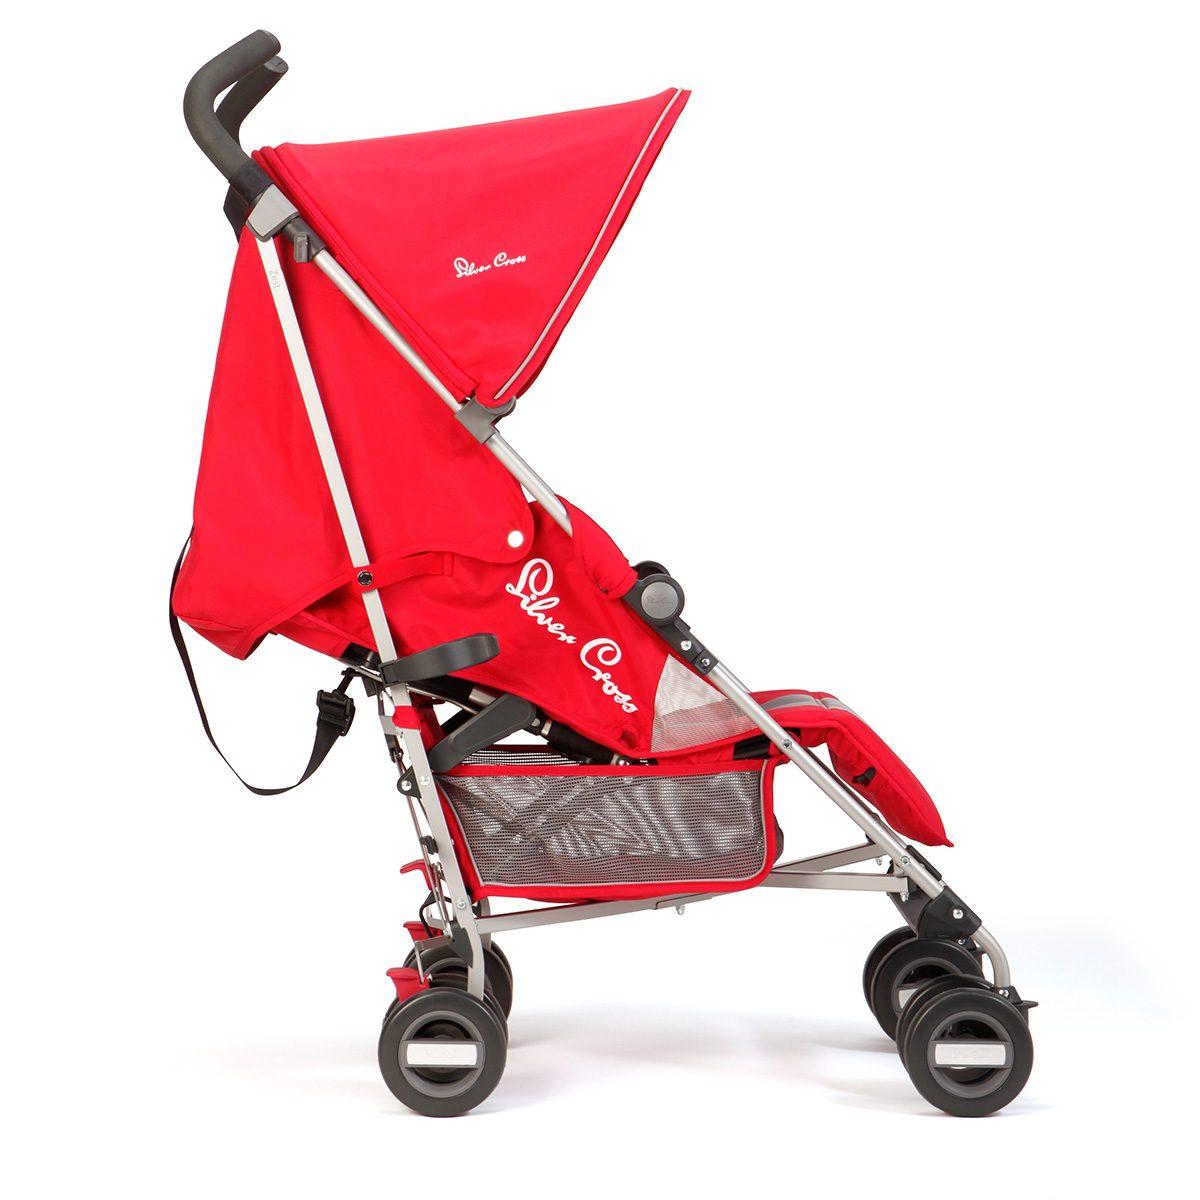 Otroški športni vozički naj bodo moderni ter udobni